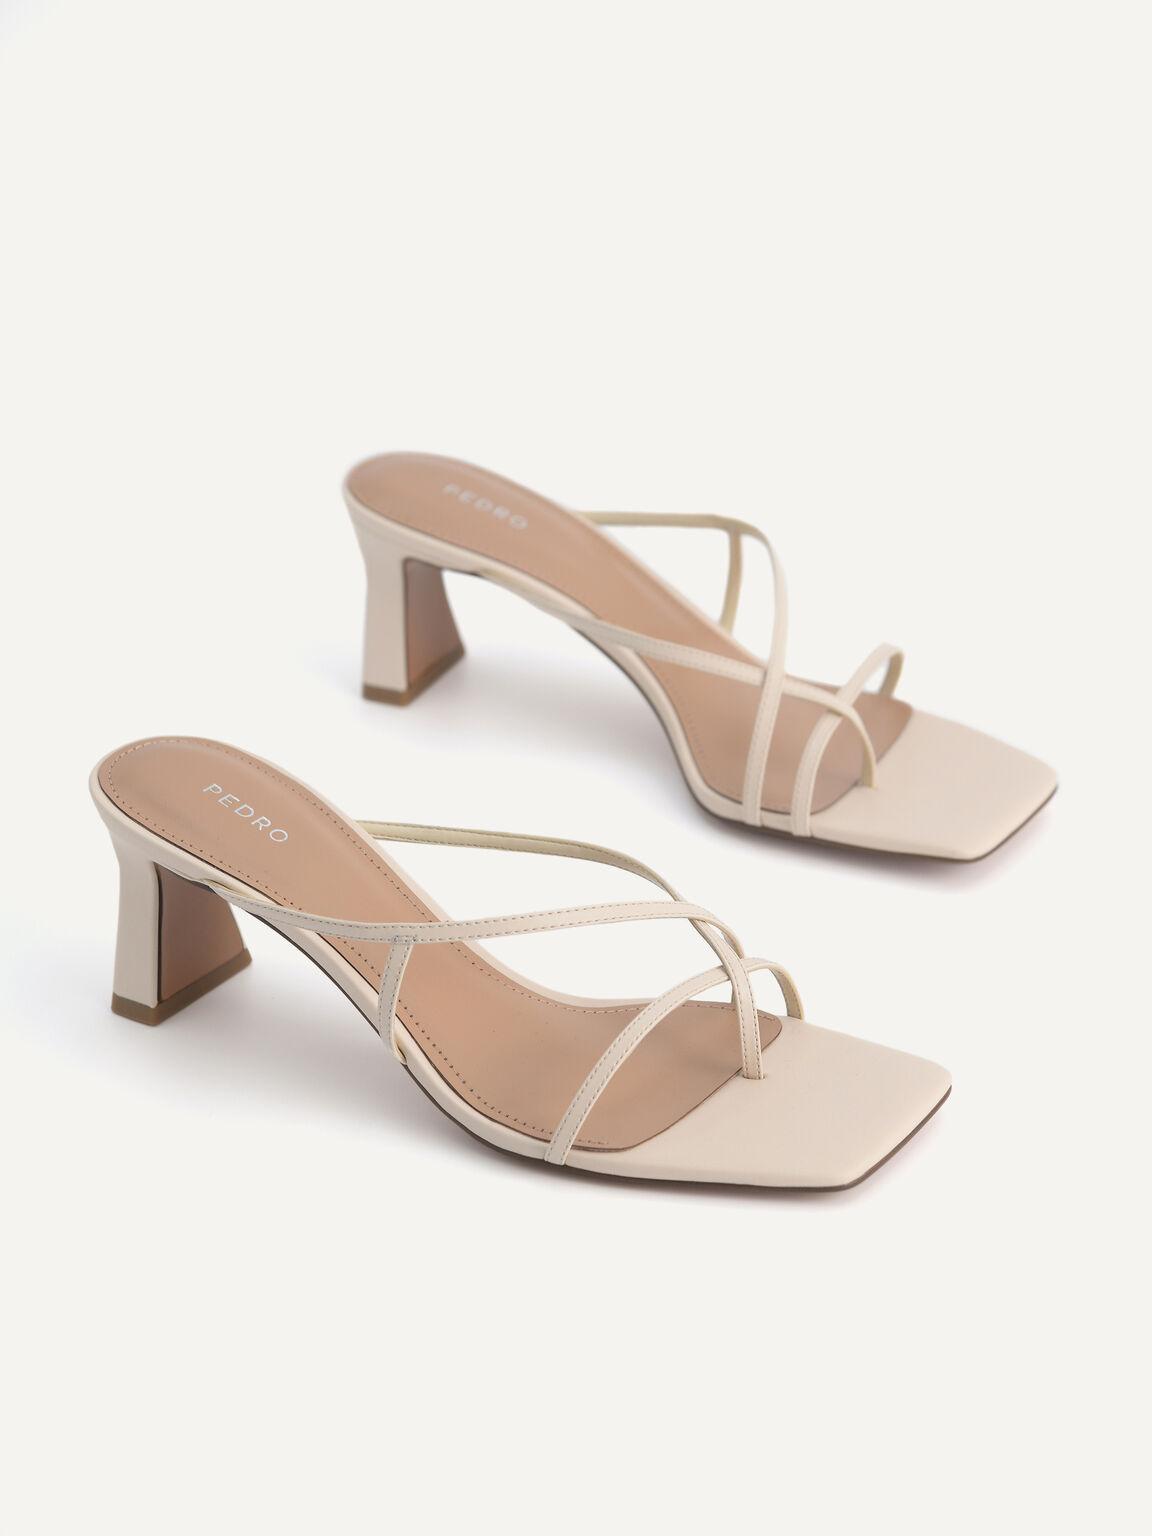 Strappy Toe Loop Heeled Sandals, Beige, hi-res